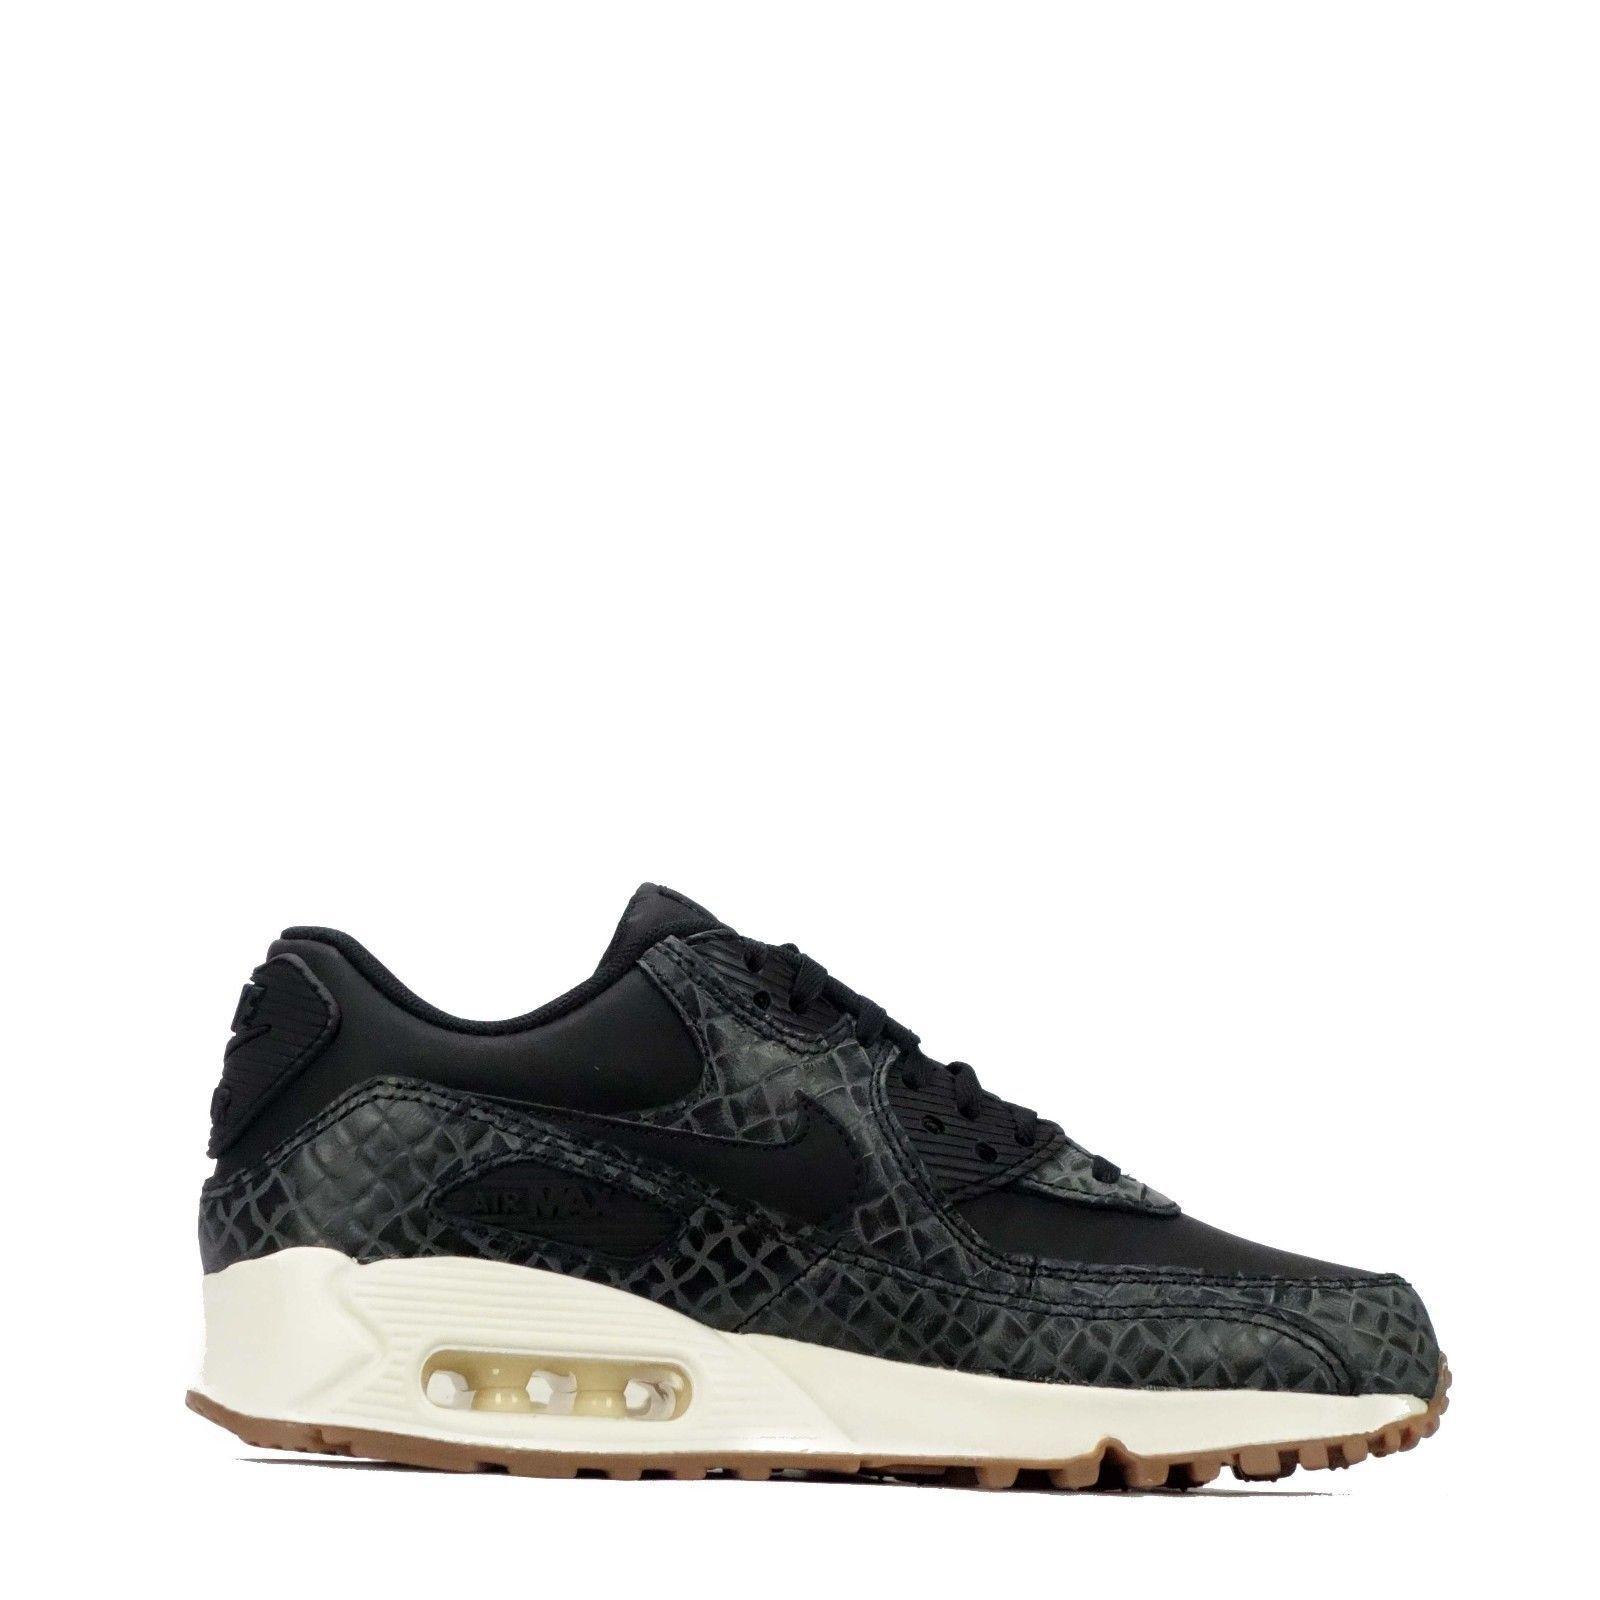 Nouvelles Baskets Femmes Nike Air Max 90 Premium Chaussures Baskets Nouvelles Taille: 8 Couleurs: 6993b7